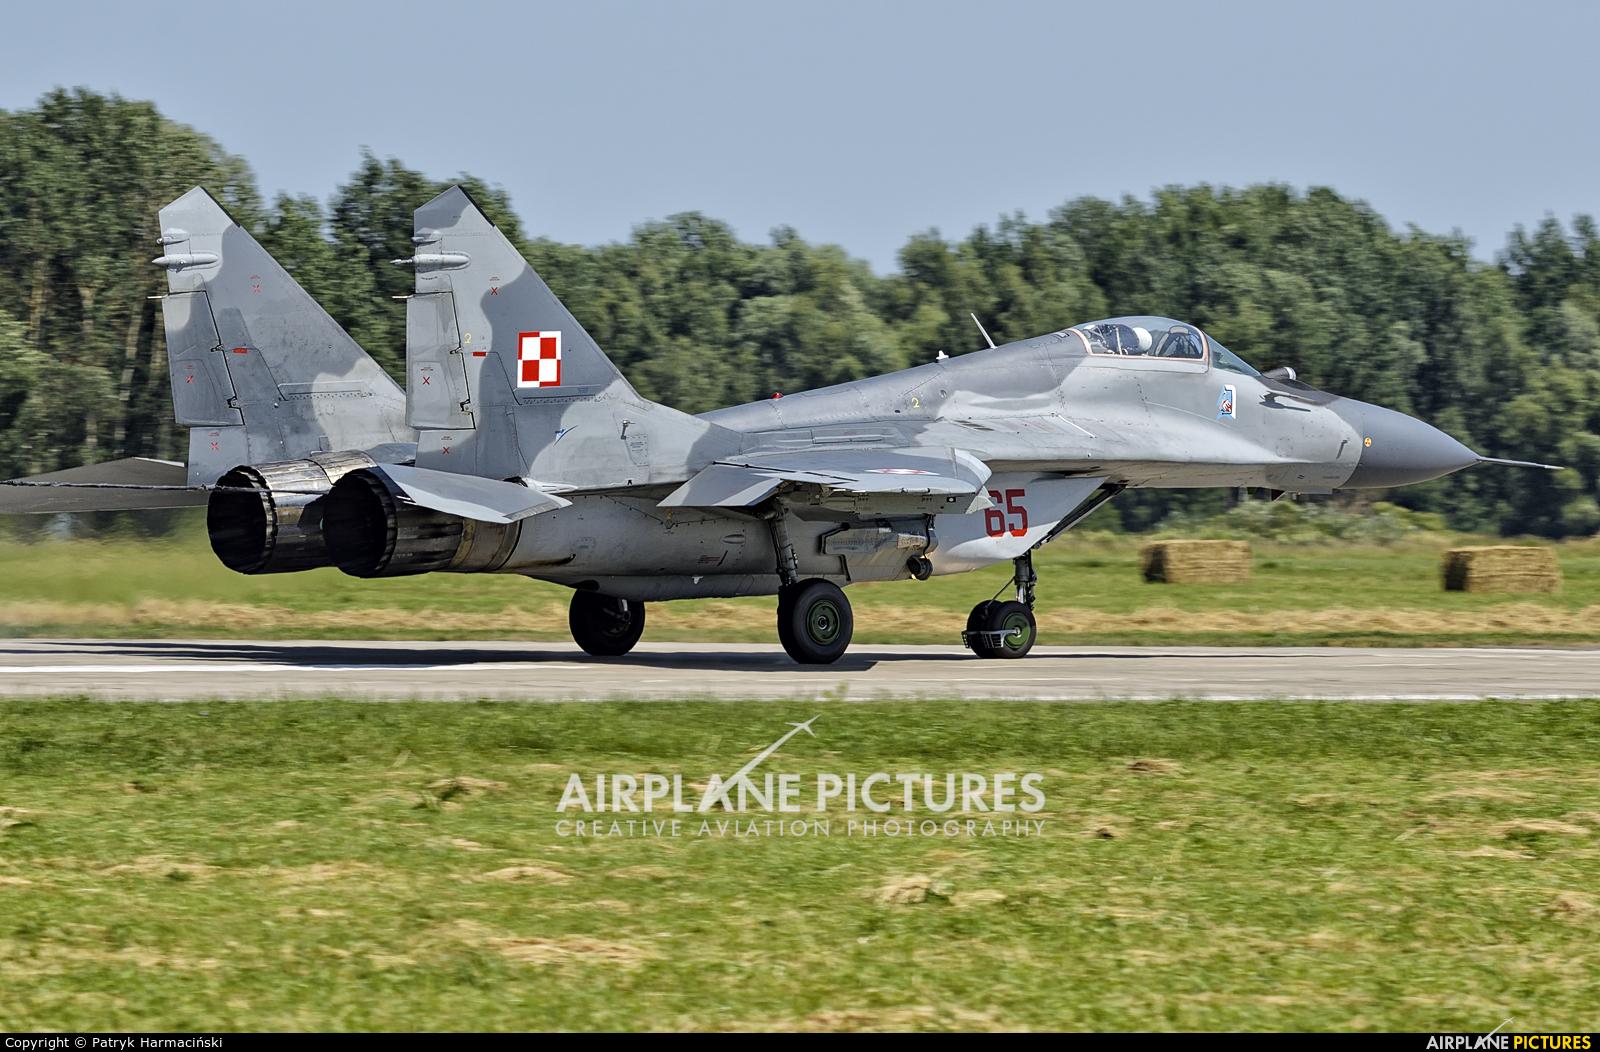 Poland - Air Force 65 aircraft at Malbork